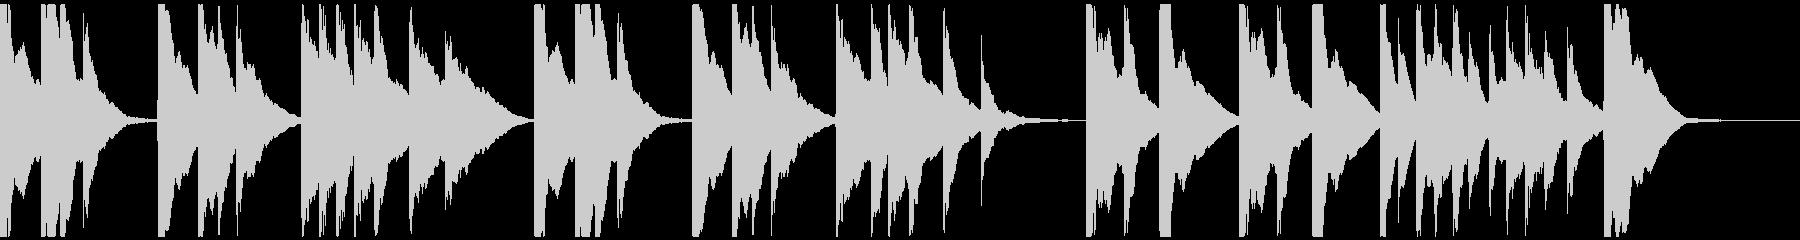 琴、シンプルBGM、和風な映像のバックの未再生の波形